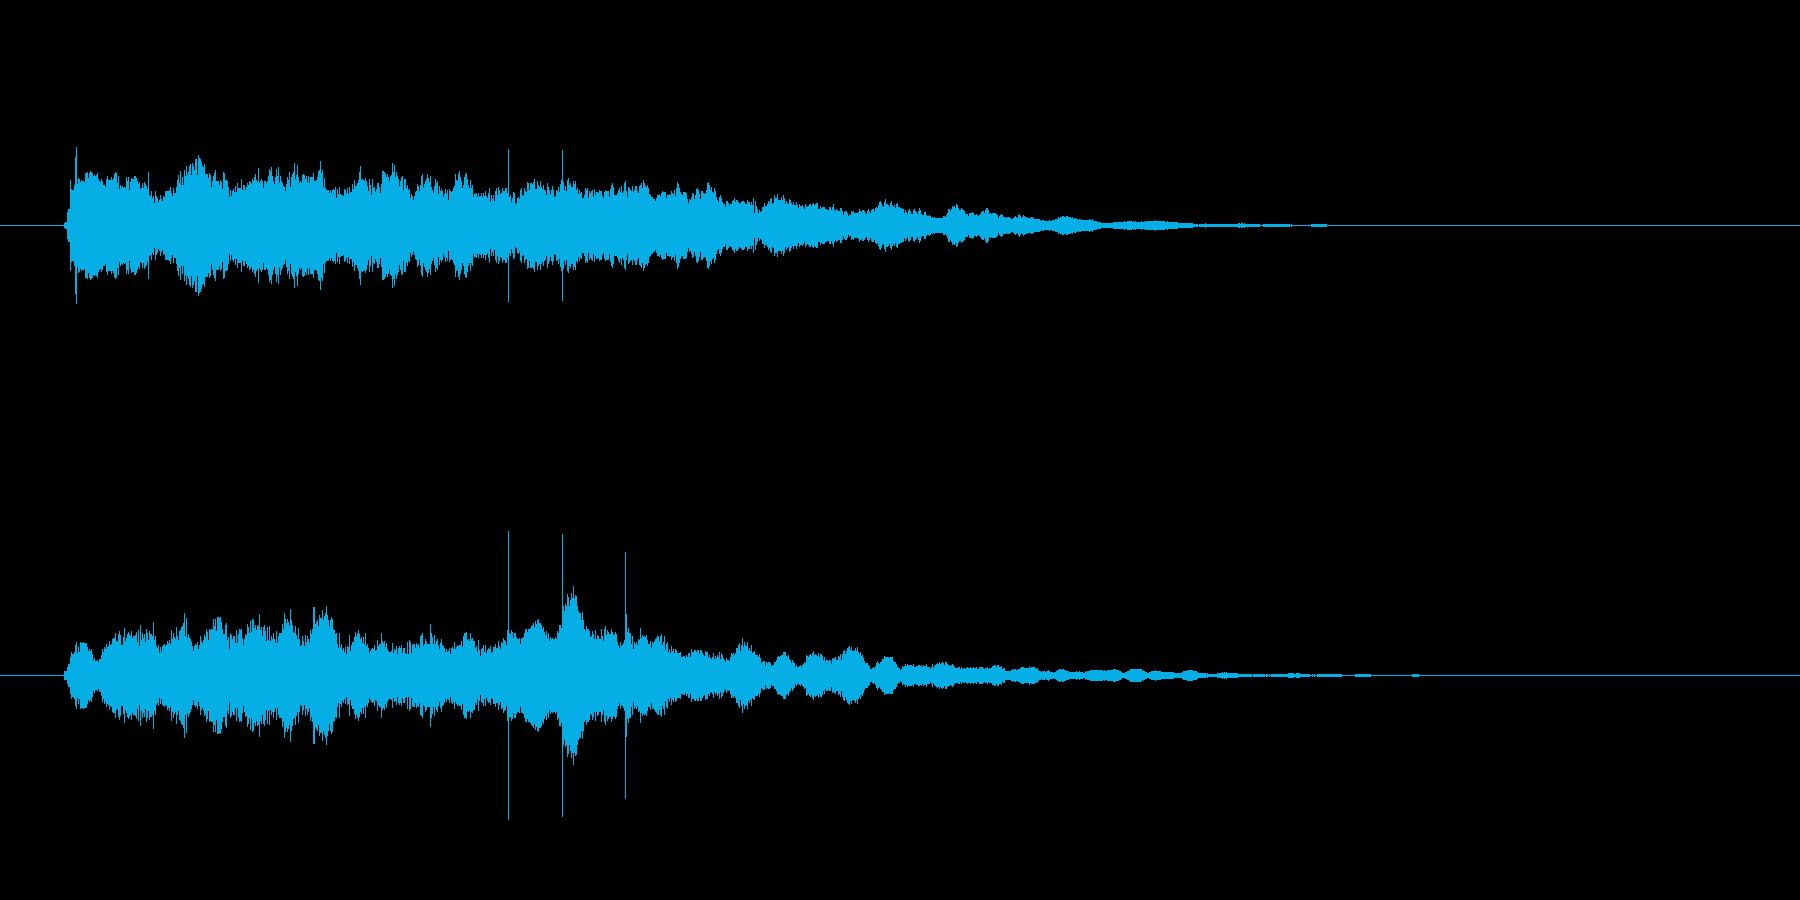 最後に企業名が出た時のサウンドロゴ02の再生済みの波形